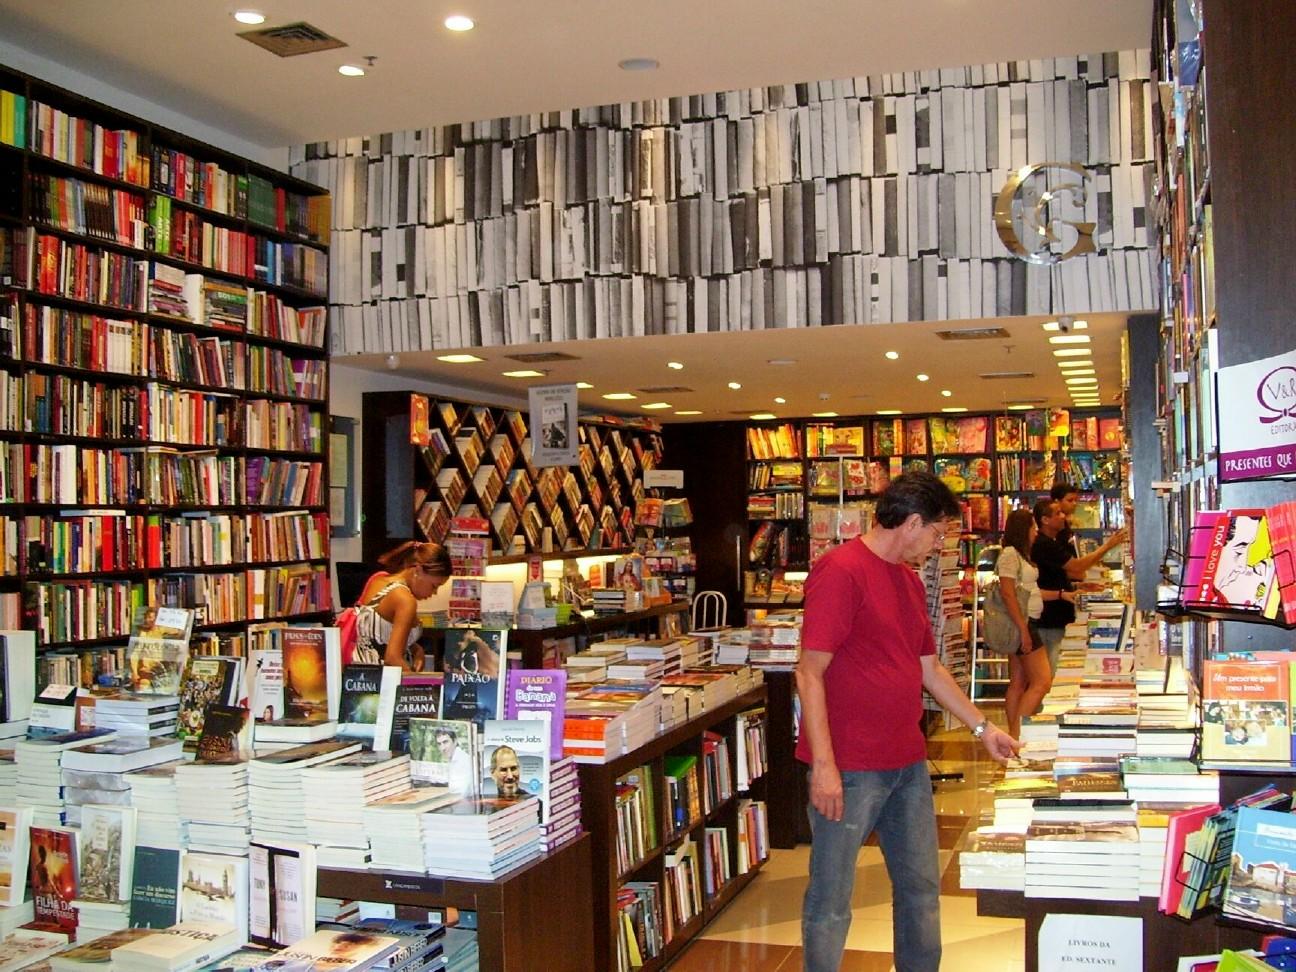 http://1.bp.blogspot.com/-c12jtwJDoFc/TpsQcalSL_I/AAAAAAAAEA8/XKG7zjVHBNg/s1600/Livraria%2BGutenberg%2B10.jpg